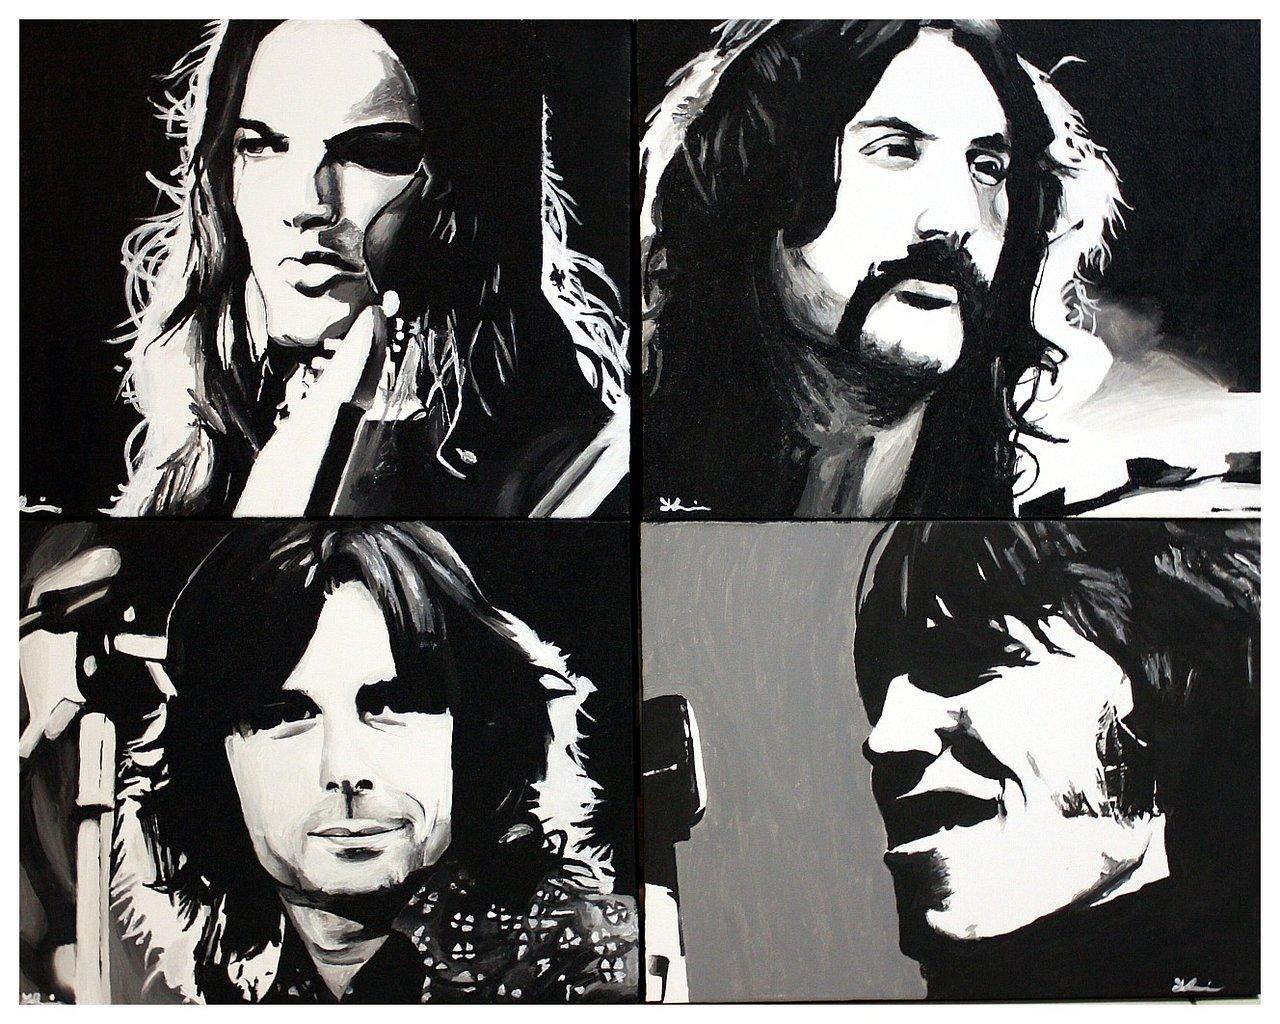 http://3.bp.blogspot.com/_u1dy2nv5qds/TROKesuLDmI/AAAAAAAAAK4/rqwfBbHNTXU/s1600/Pink_Floyd__.jpg